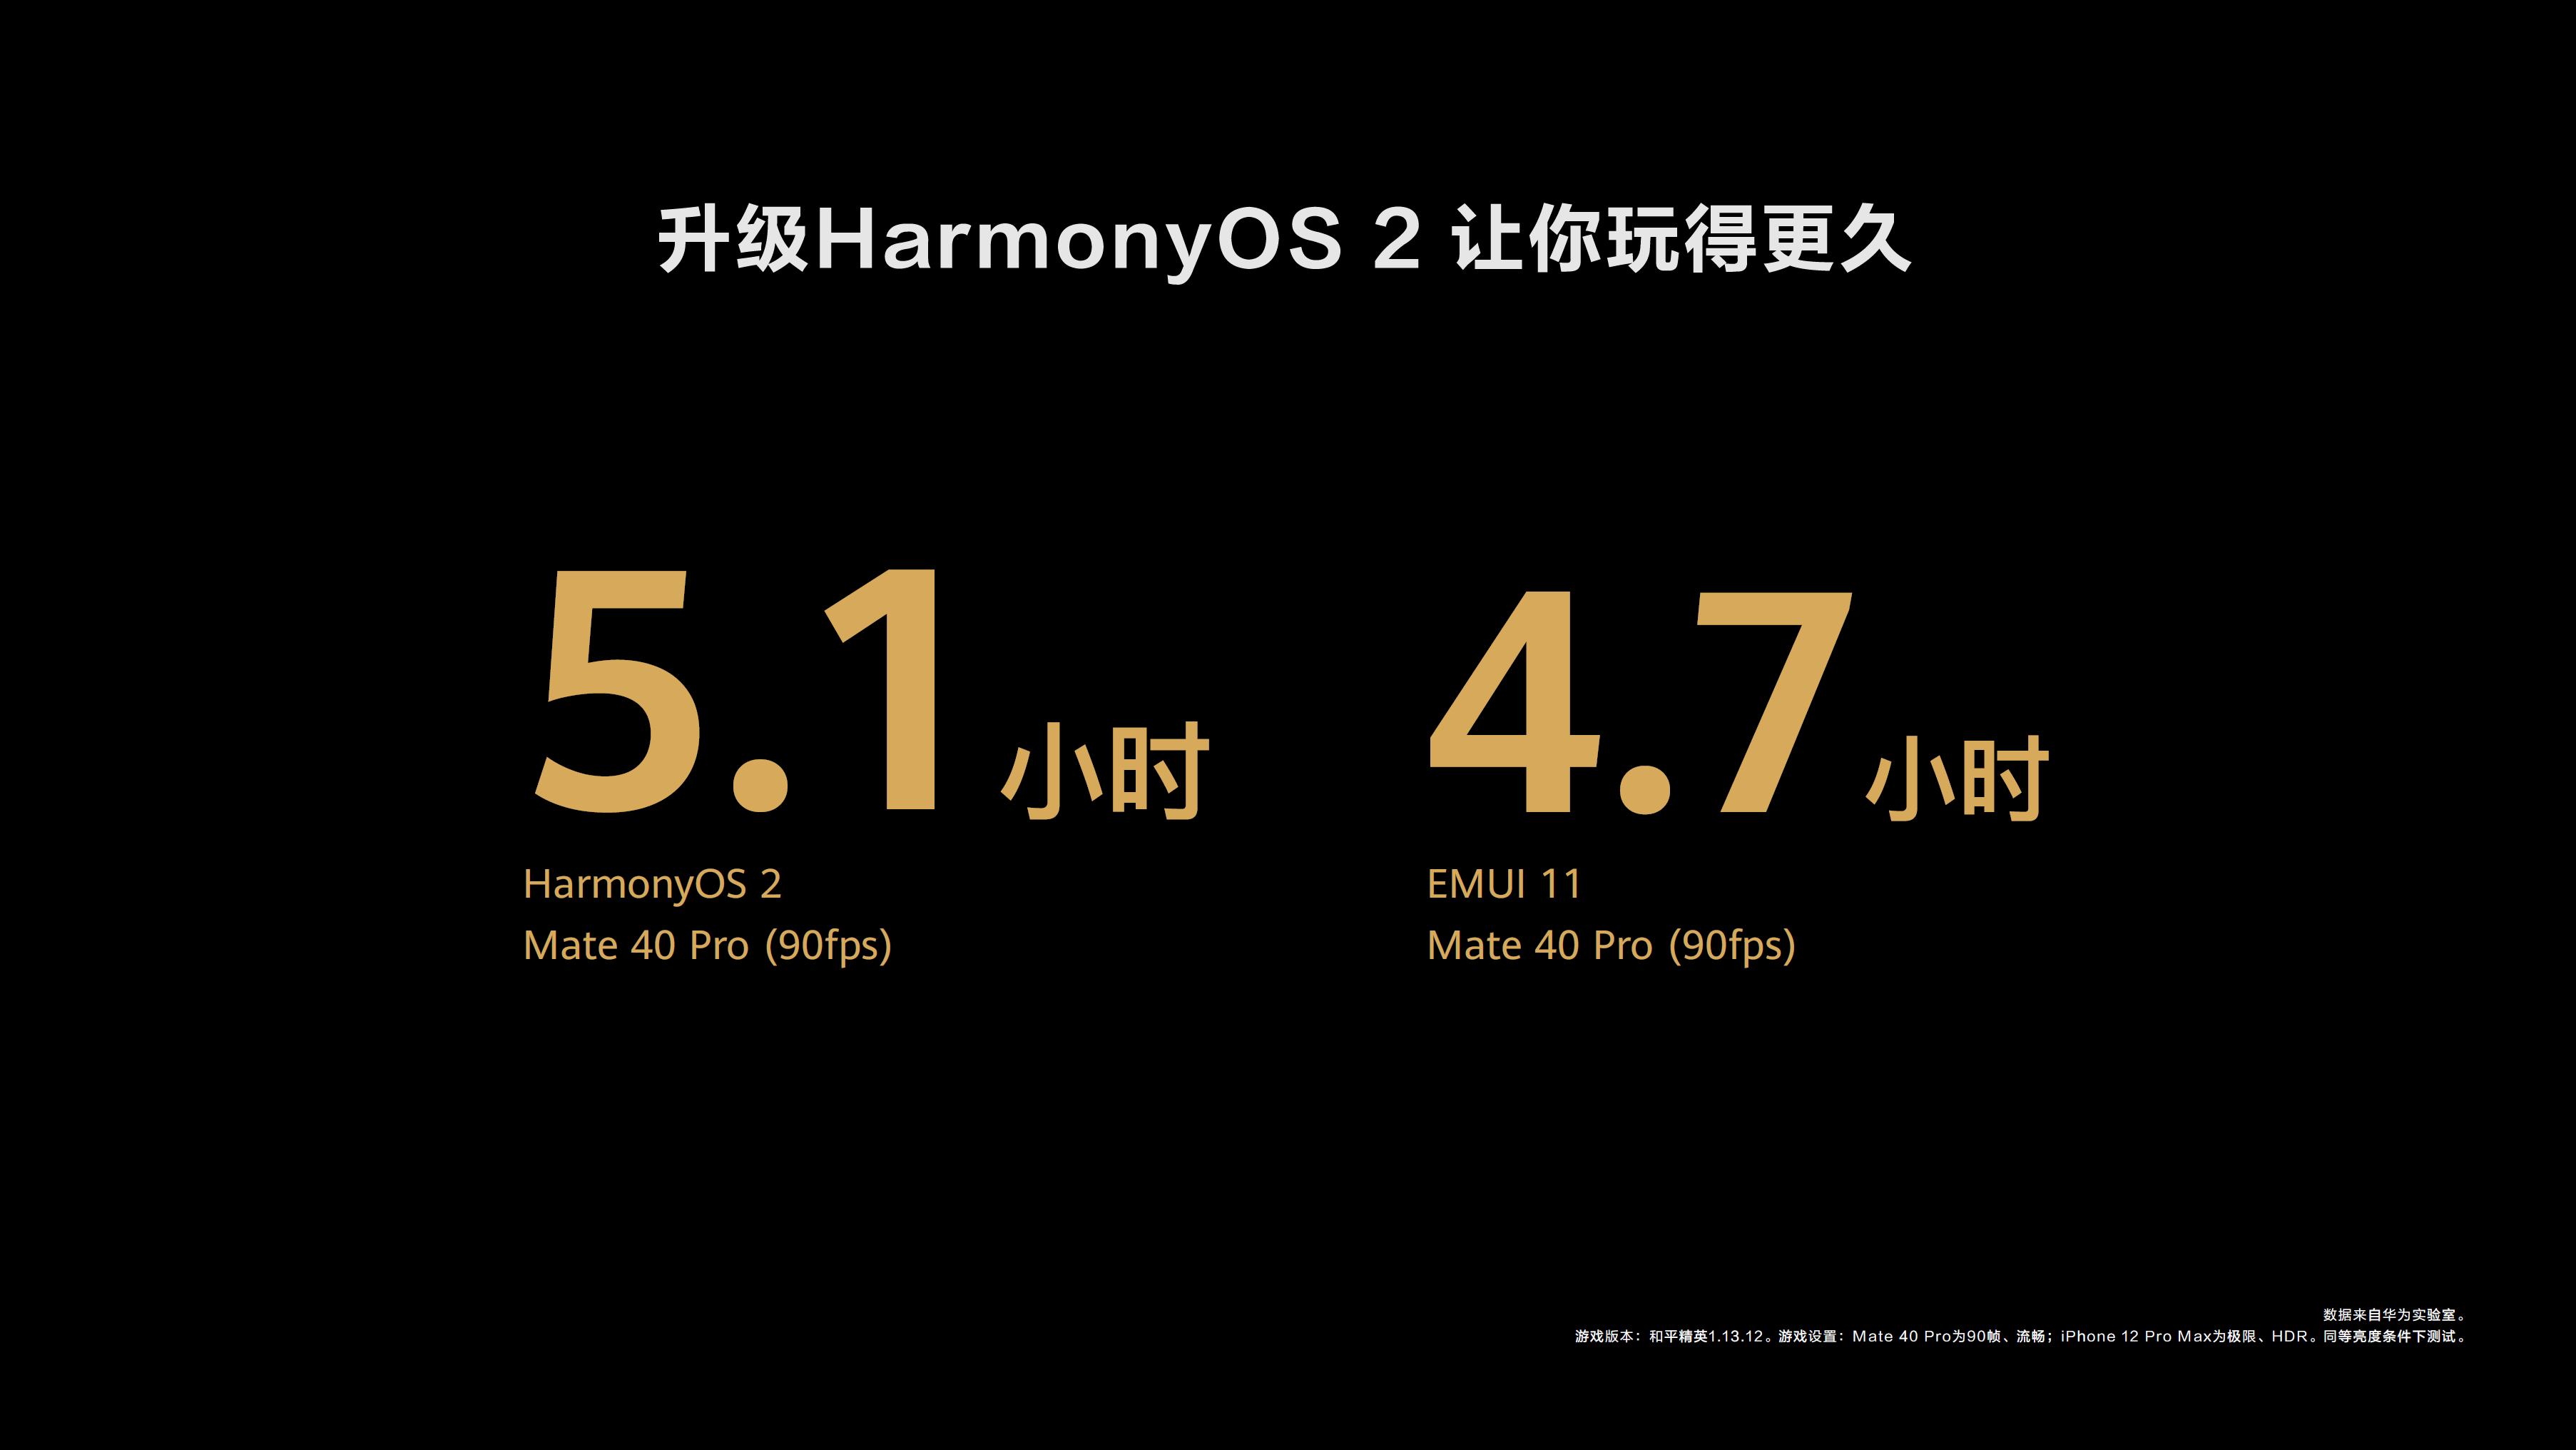 华为正式发布HarmonyOS 2:全新升级带来创新体验